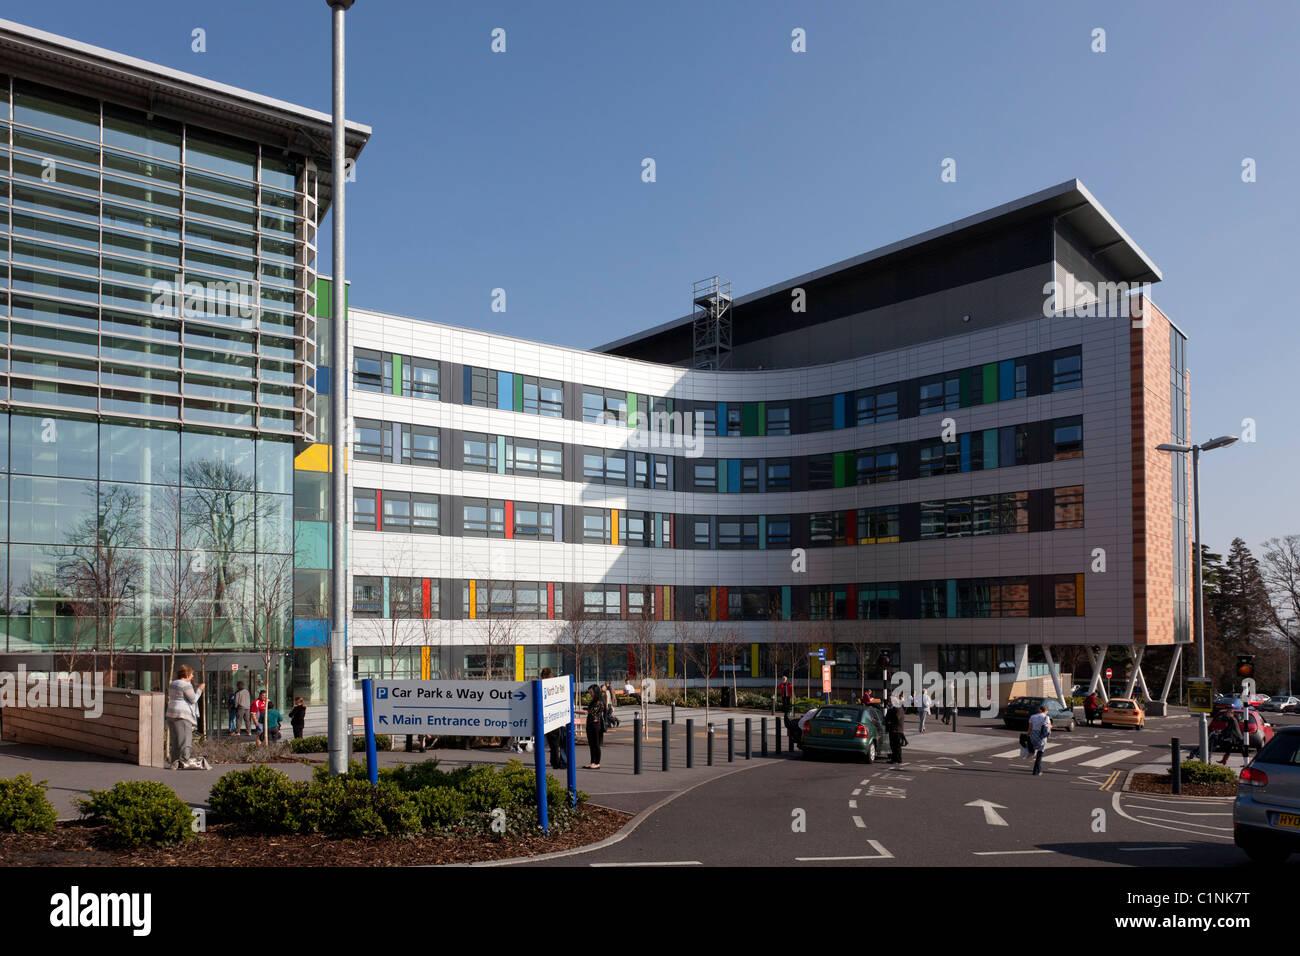 Der Königin Alexander Klinik in Cosham in der Nähe von Portsmouth Exterieur. Stockbild